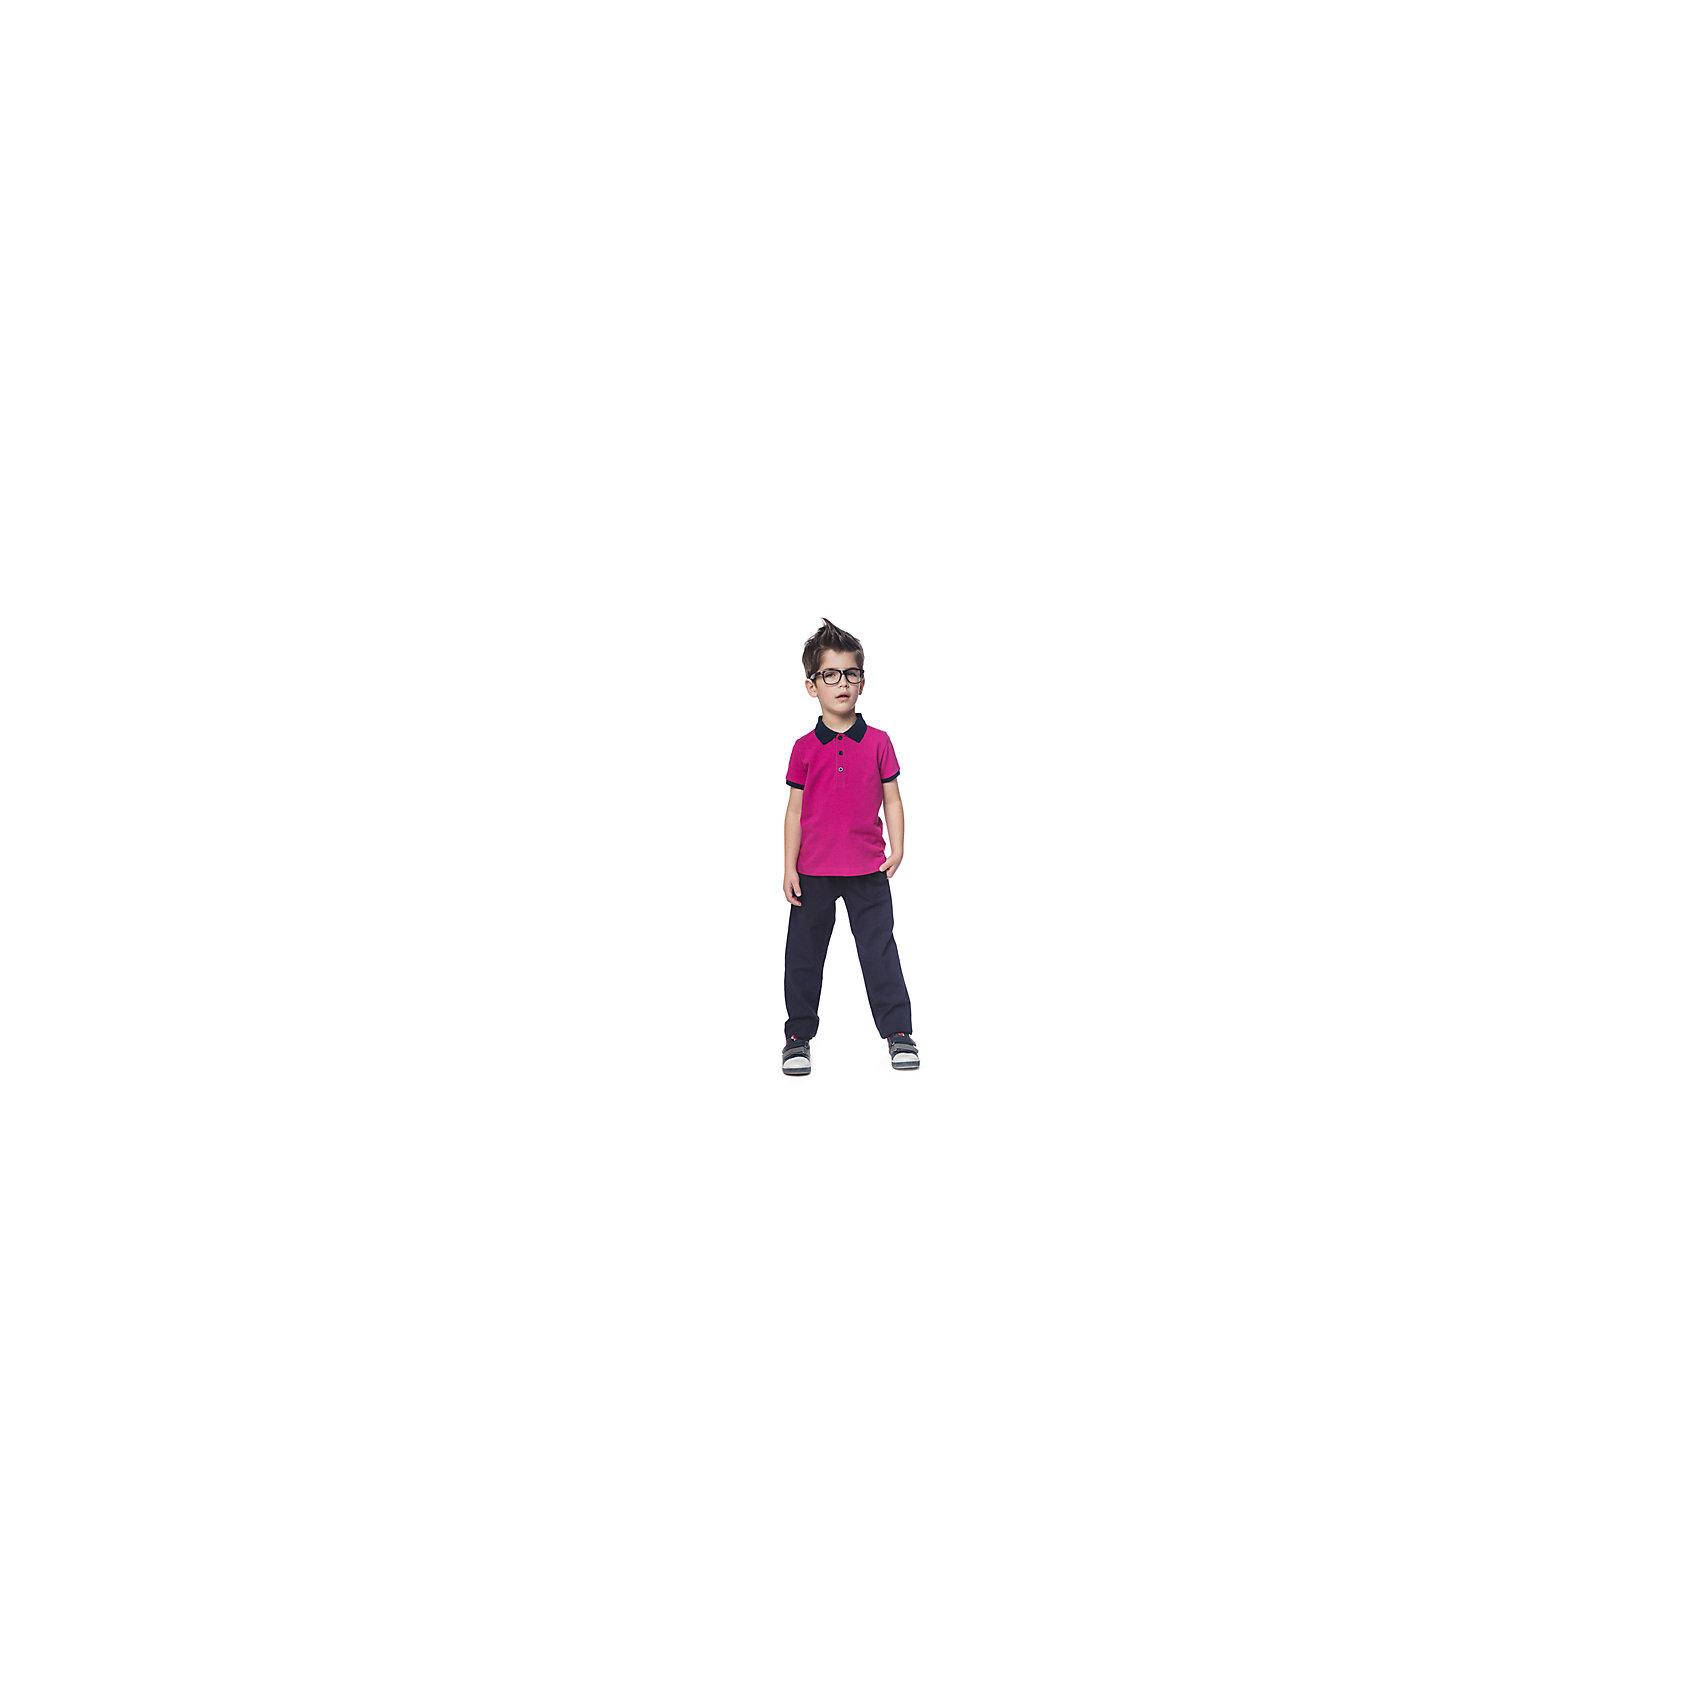 Футболка-поло для мальчика PlayTodayФутболки, поло и топы<br>Футболка - поло для мальчика из натурального хлопка приятна к телу и не сковывает движений ребенка. Лекало модели является точной копией настоящей мужской футболки - поло. Можно использовать в качестве базовой вещи повседневного гардероба Вашего ребенка. Аккуратные швы не вызывают раздражений. Яркий стильный принт является достойным украшением данного изделия.<br><br>СОСТАВ: 100% хлопок <br><br>Эту яркую футболку от PlayToday (ПлайТодай) Вы сможете купить в нашем интернет-магазине.<br><br>Ширина мм: 199<br>Глубина мм: 10<br>Высота мм: 161<br>Вес г: 151<br>Цвет: желтый/белый<br>Возраст от месяцев: 60<br>Возраст до месяцев: 72<br>Пол: Мужской<br>Возраст: Детский<br>Размер: 116,128,122,110,104,98<br>SKU: 3100635